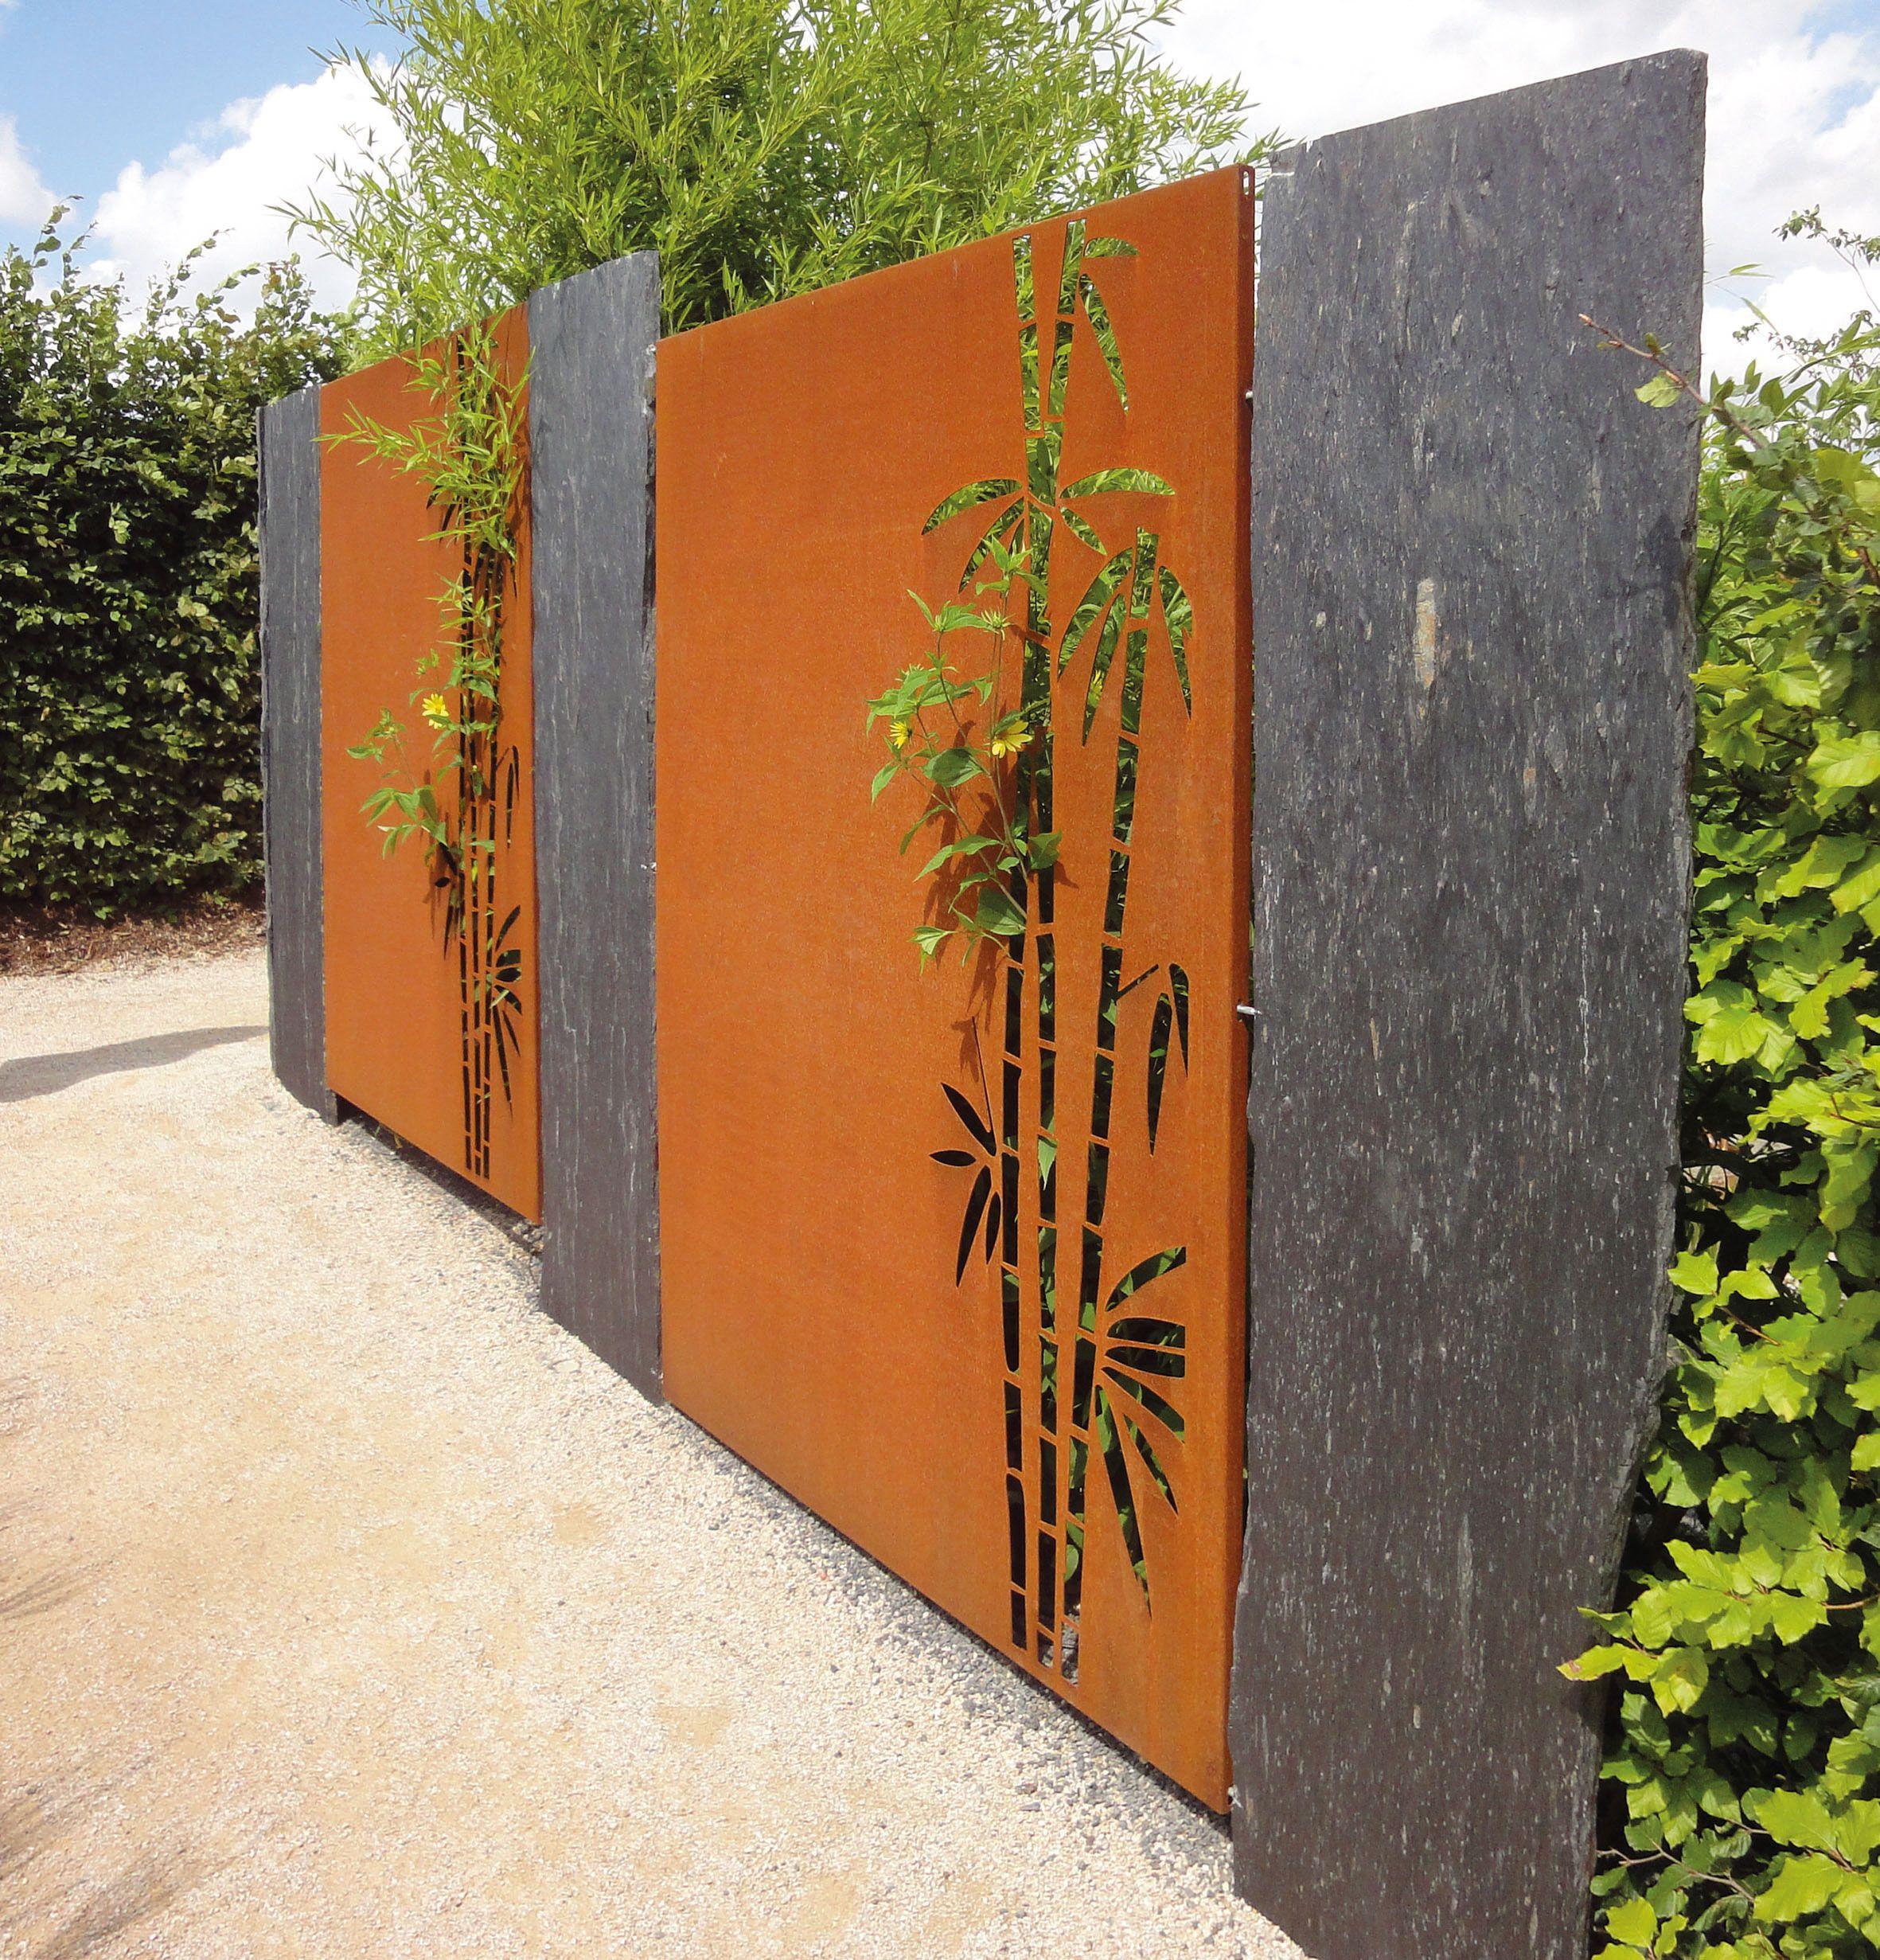 Sichtschutzwand Aus Cortenstahl Mit Motiv Schiefer Stele Sichtschutz Garten Garten Design Sichtschutz Garten Bambus